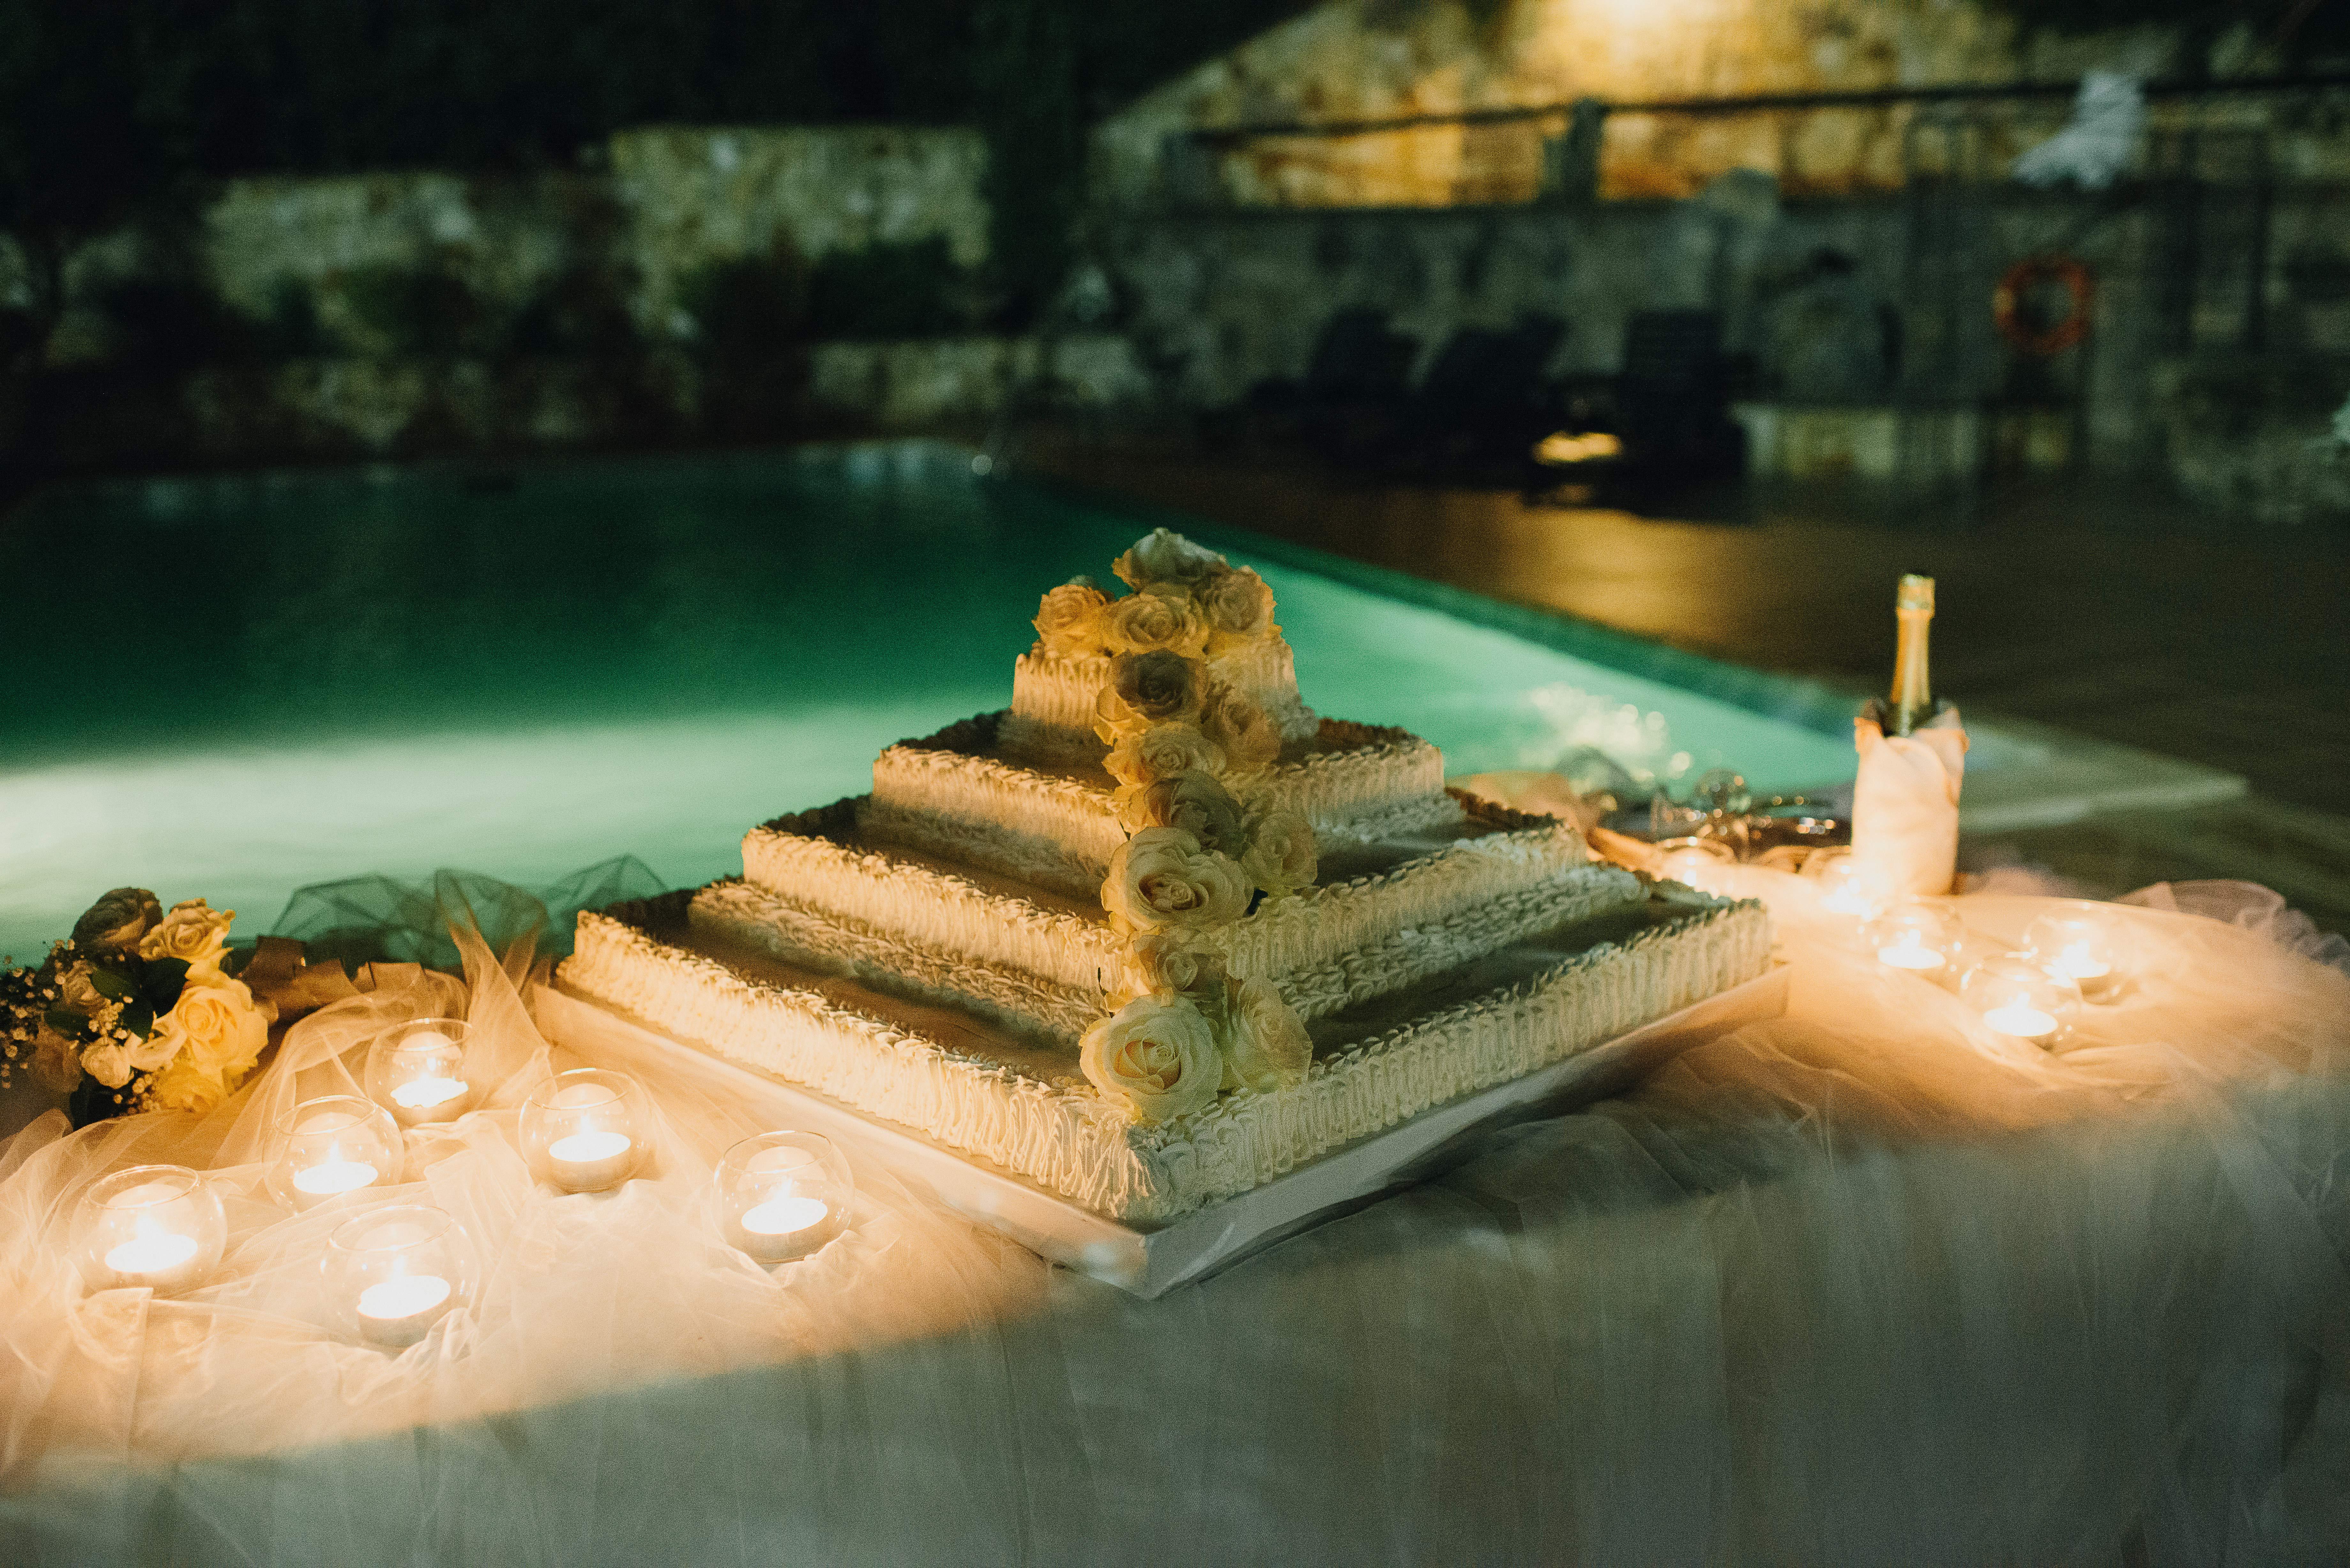 Matrimonio a Carbonia in piscina - Tanit - Ristorante a Carbonia dal 1981 (3)